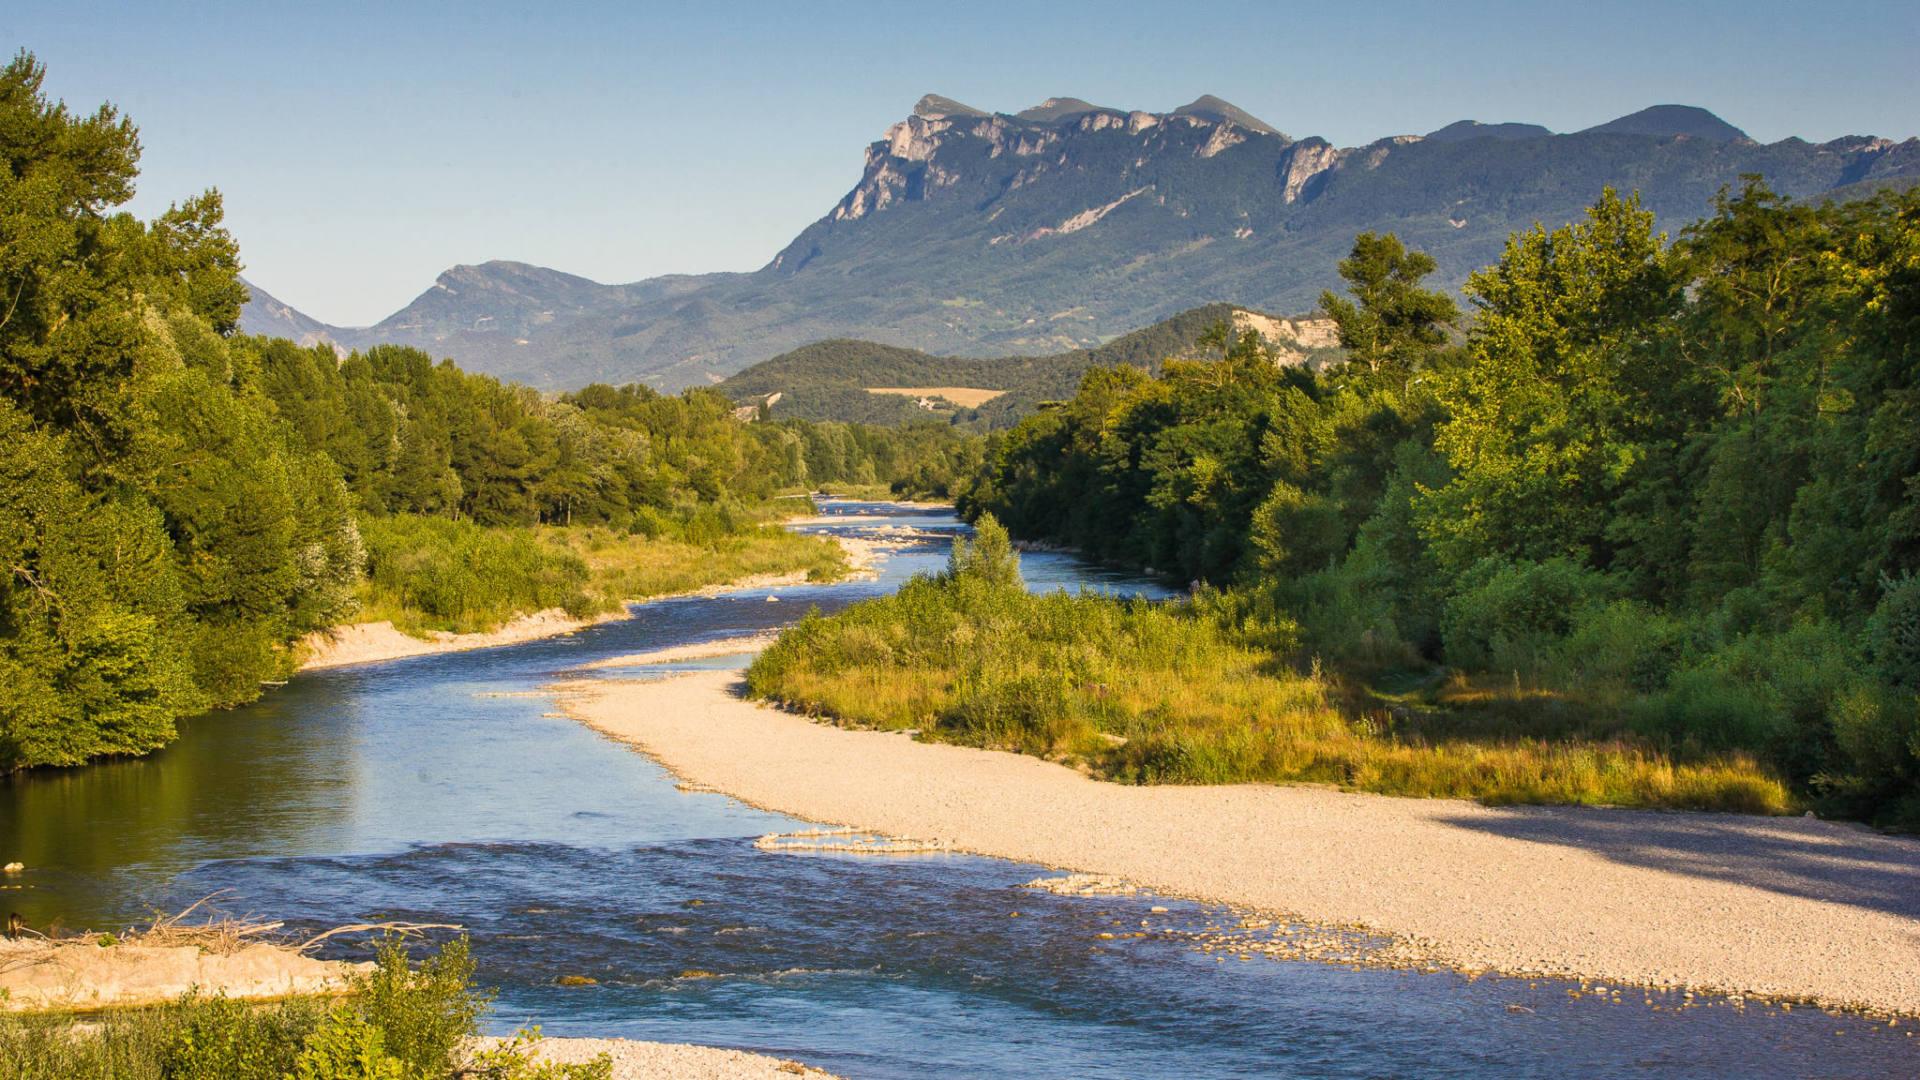 La rivière Drôme et la montagne des 3 Becs